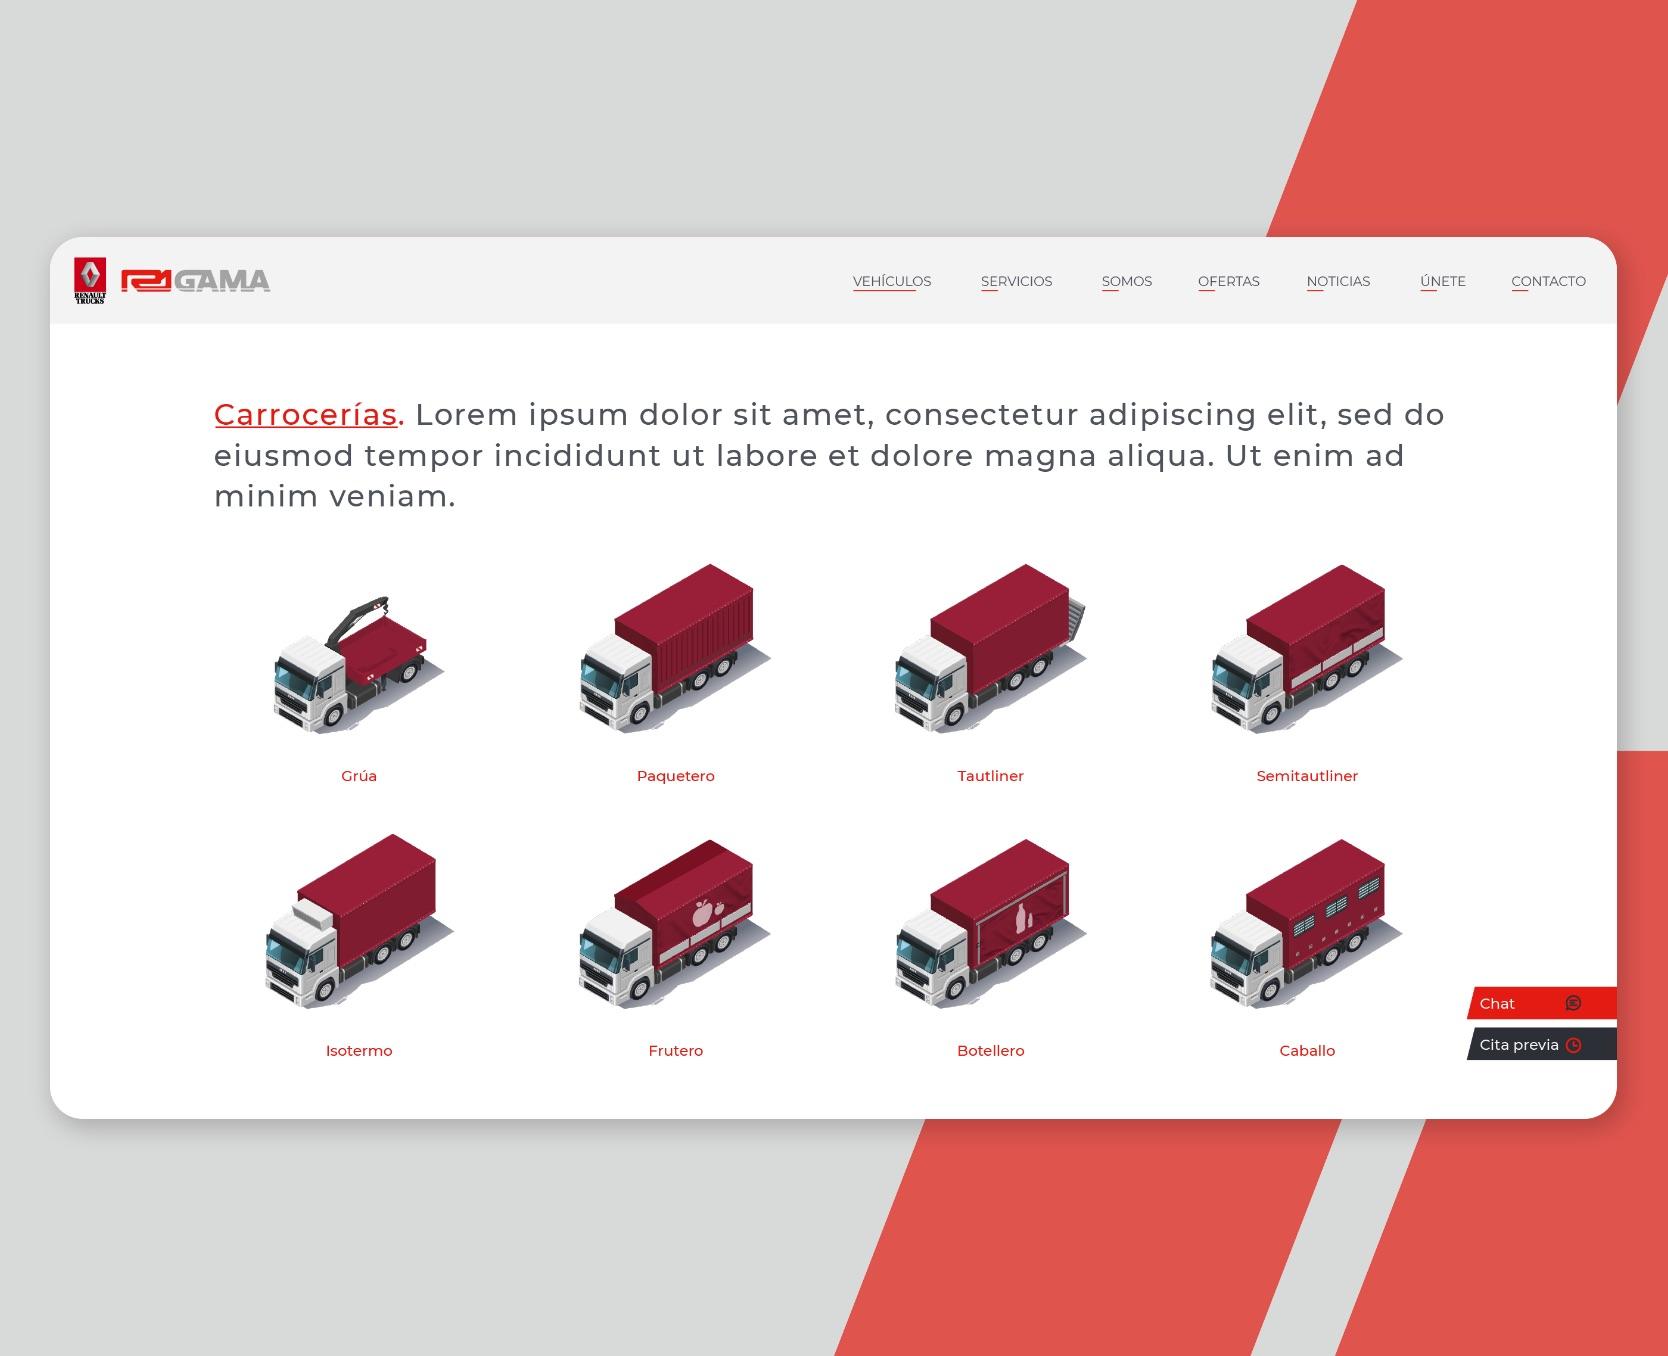 diseño y desarrollo web R1 Gama